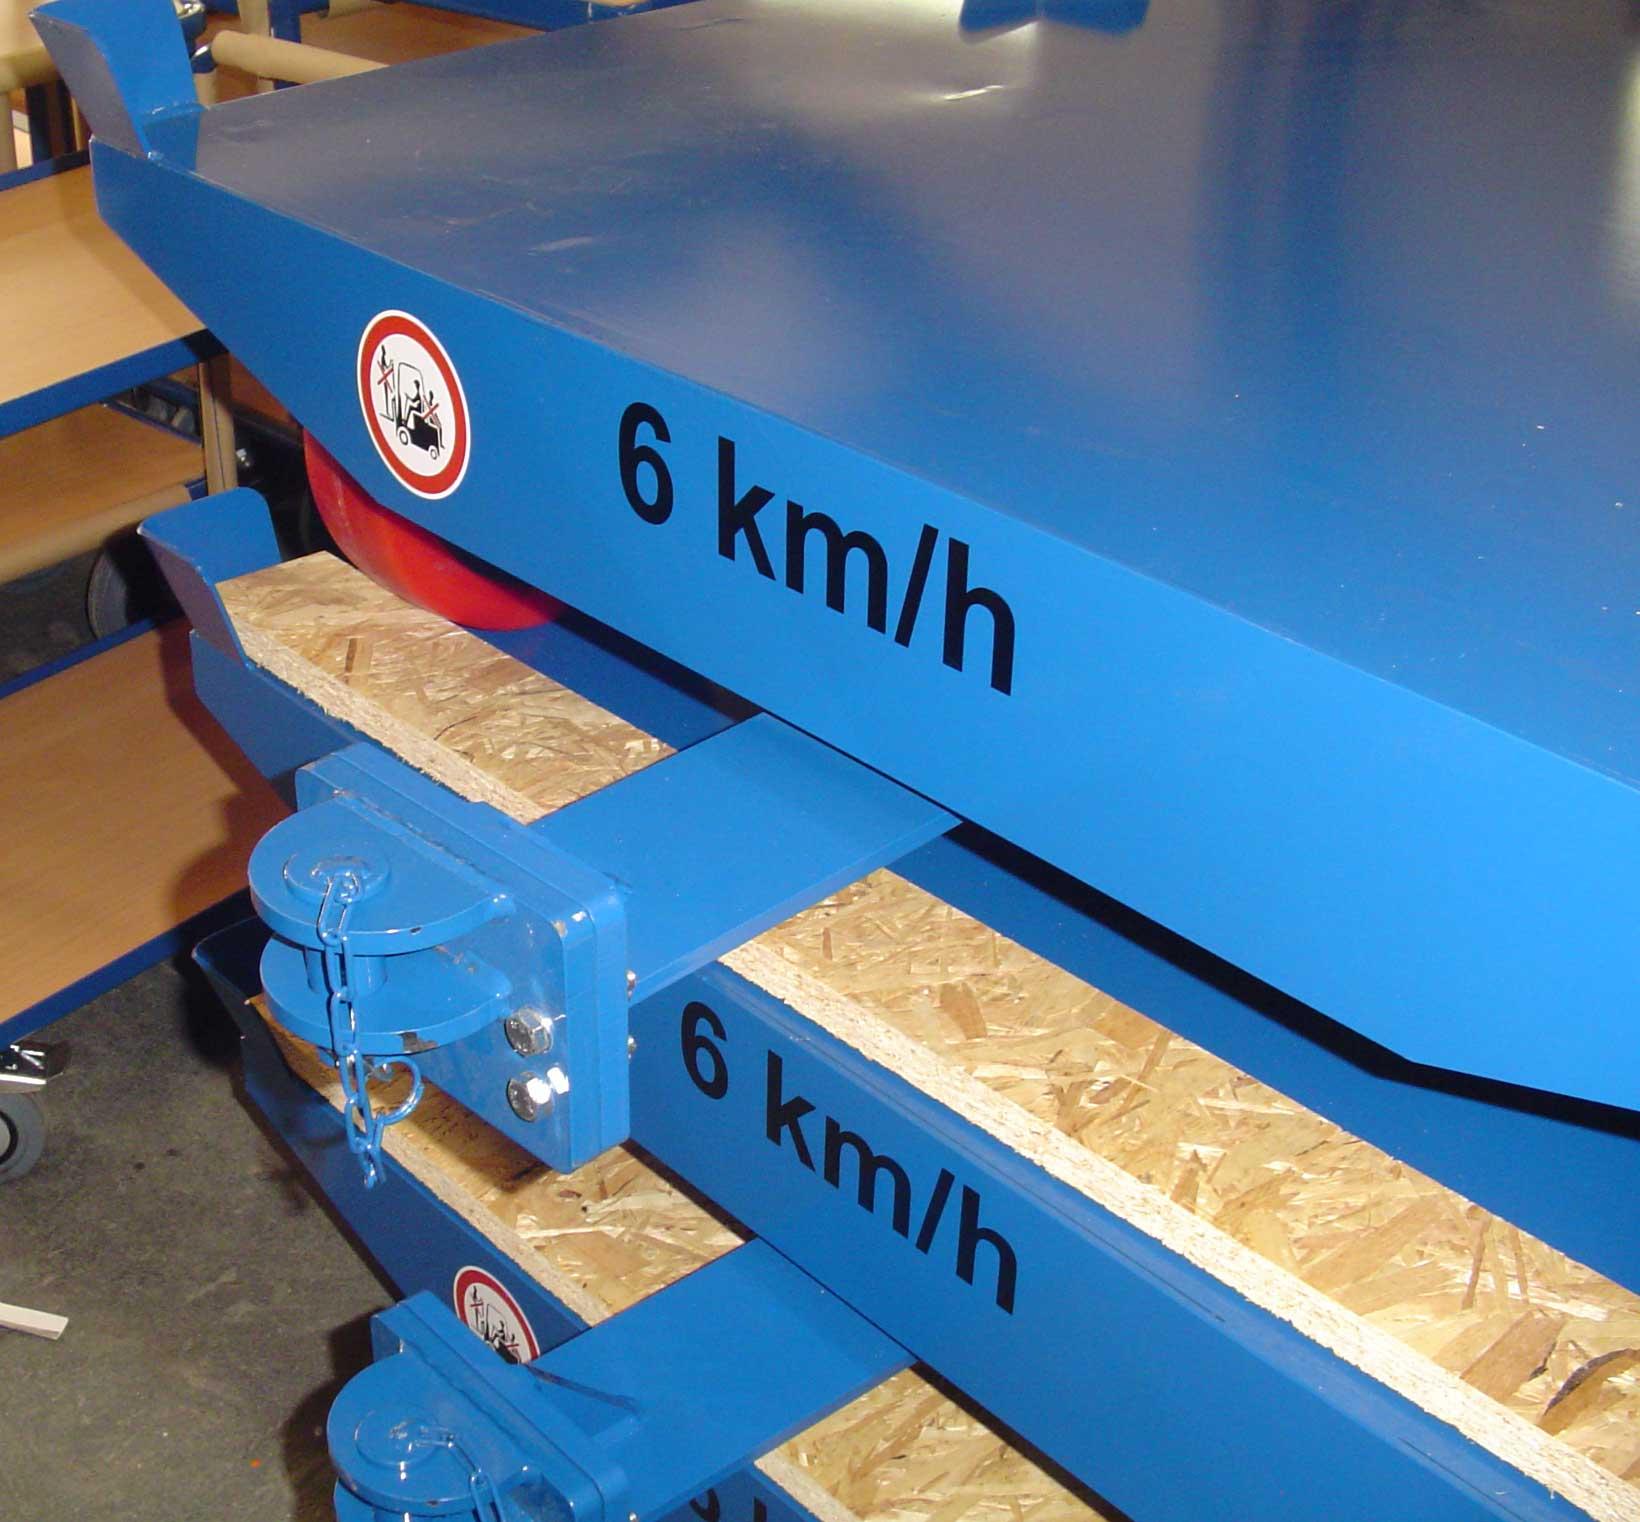 Routenzug-Einheit, Stahlplattform mit 2 Tonnen Belastbarkeit, aufgesetzten Fangecken für Europaletten und Kupplungsbolzen